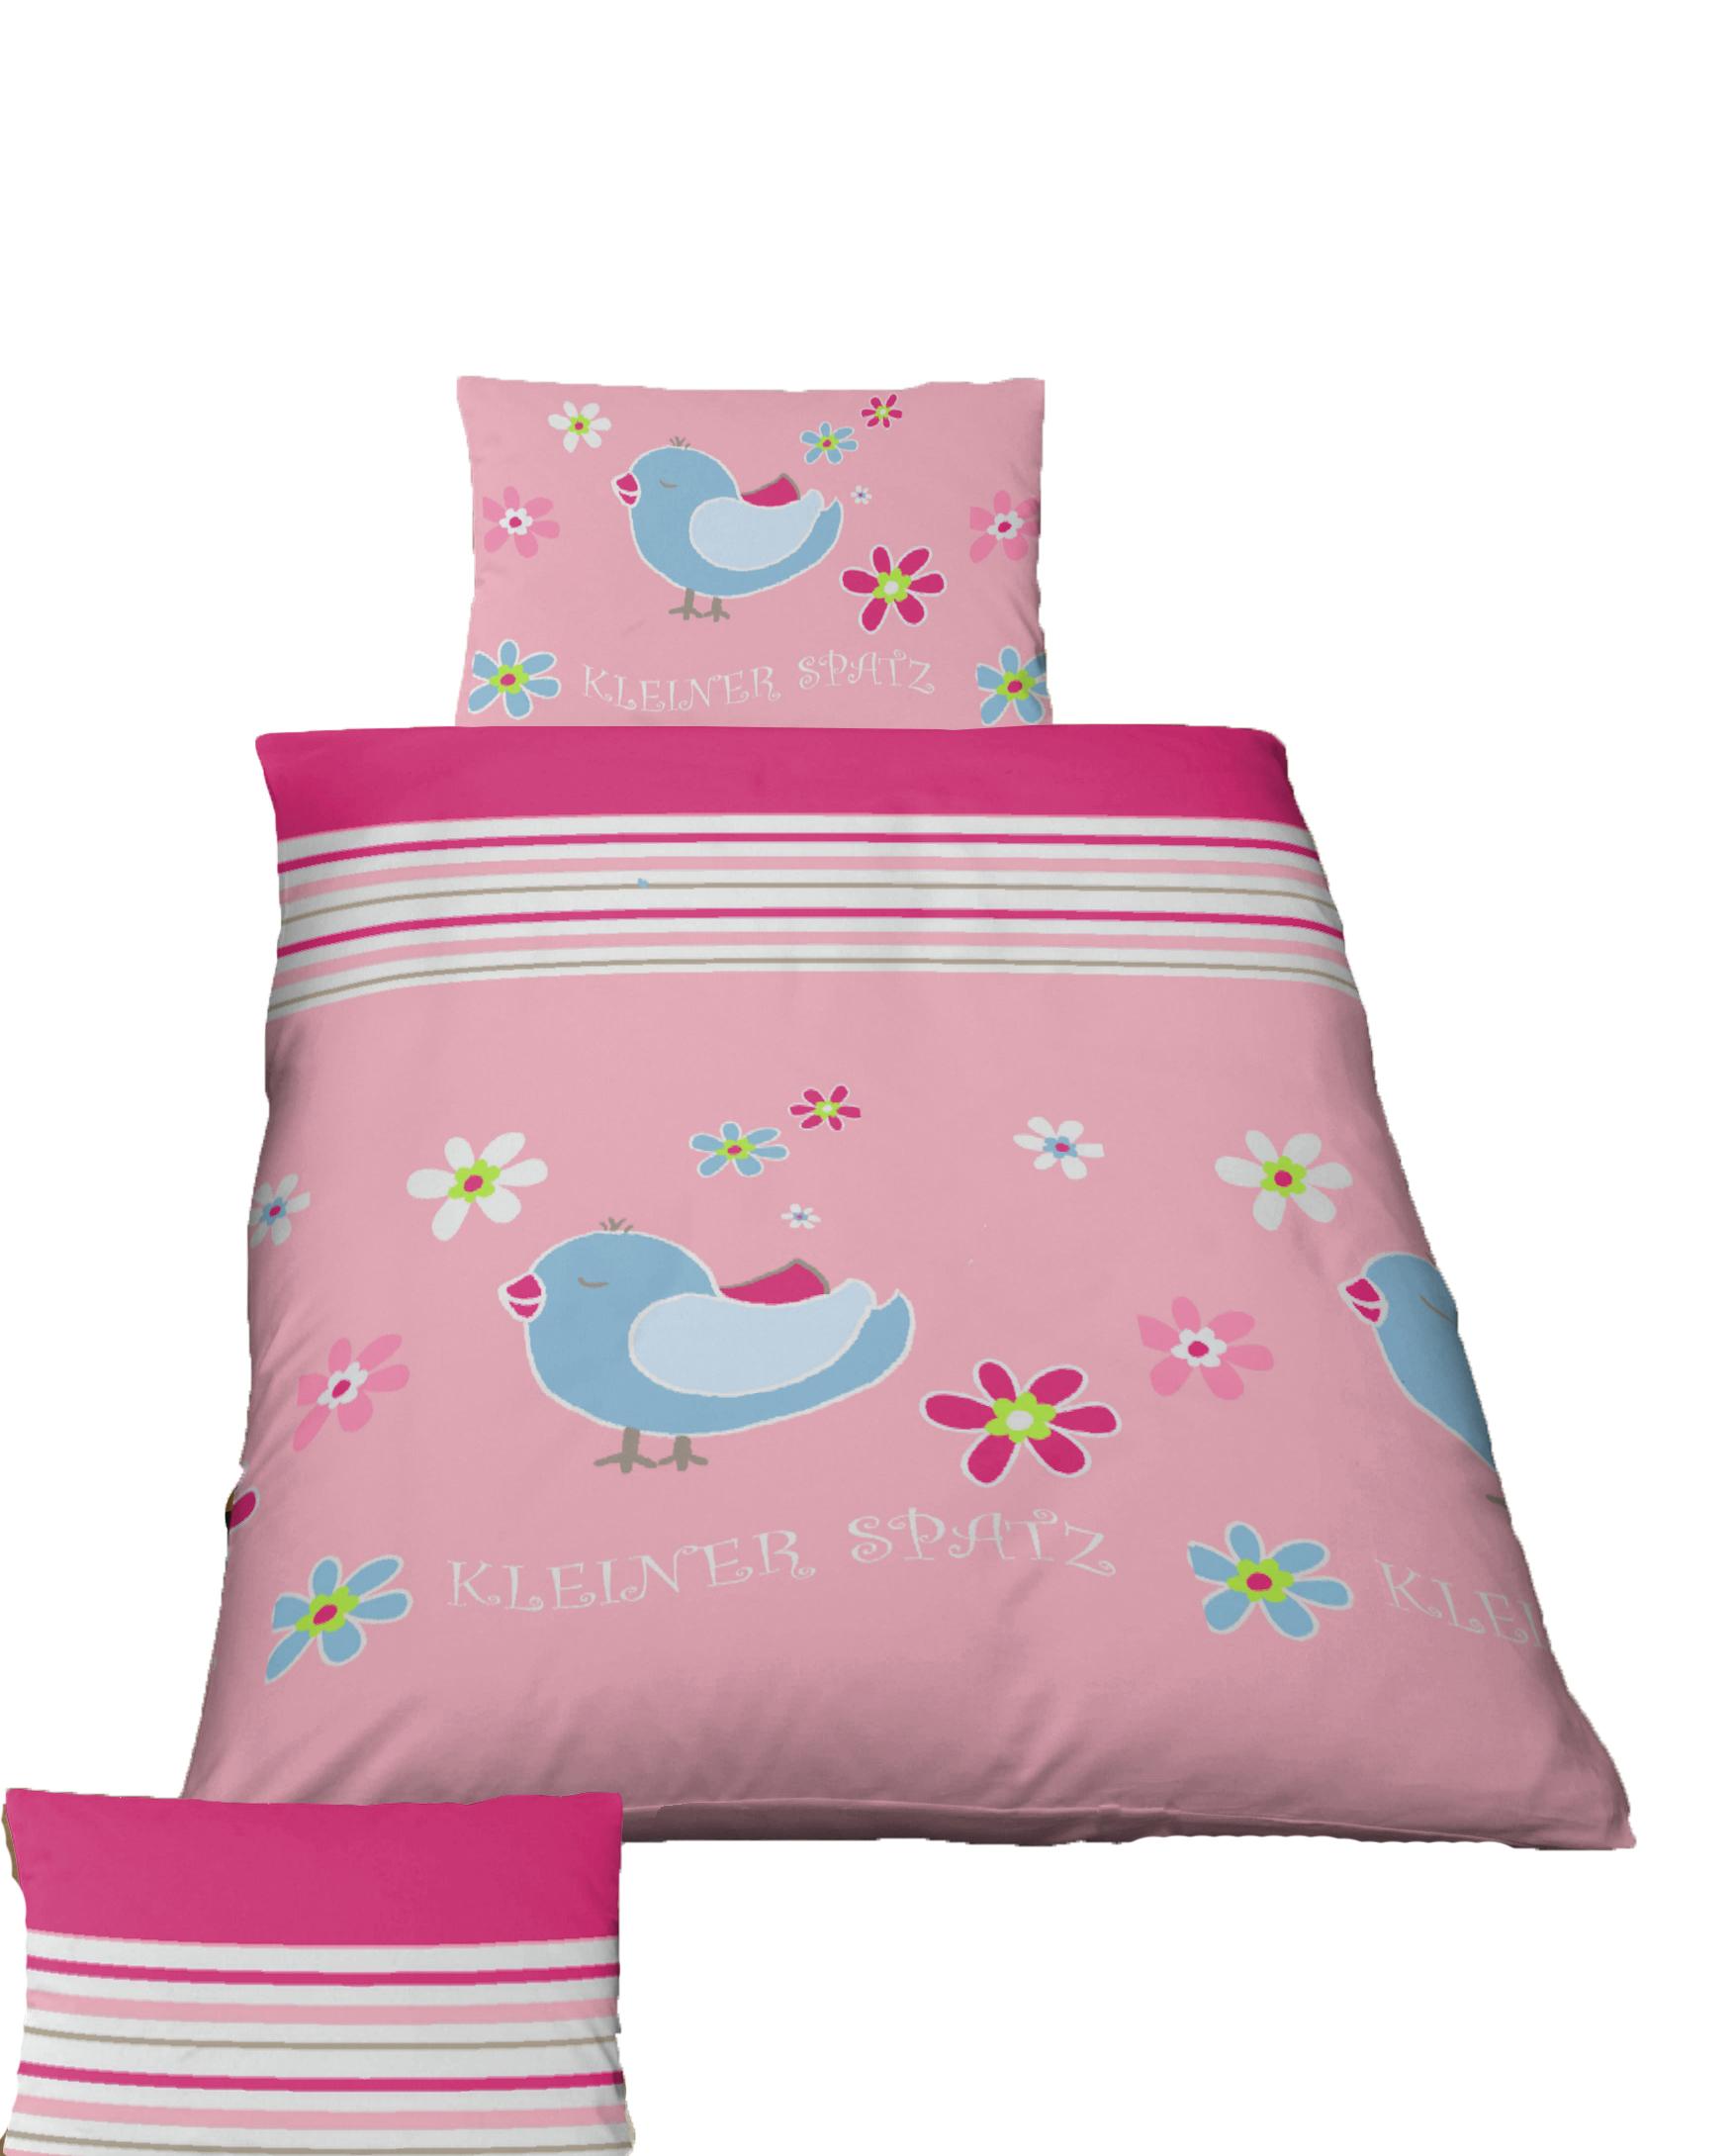 2 tlg kinder baby bettw sche 100 x 135 cm spatz biber baumwolle b ware 4260573699186 ebay. Black Bedroom Furniture Sets. Home Design Ideas